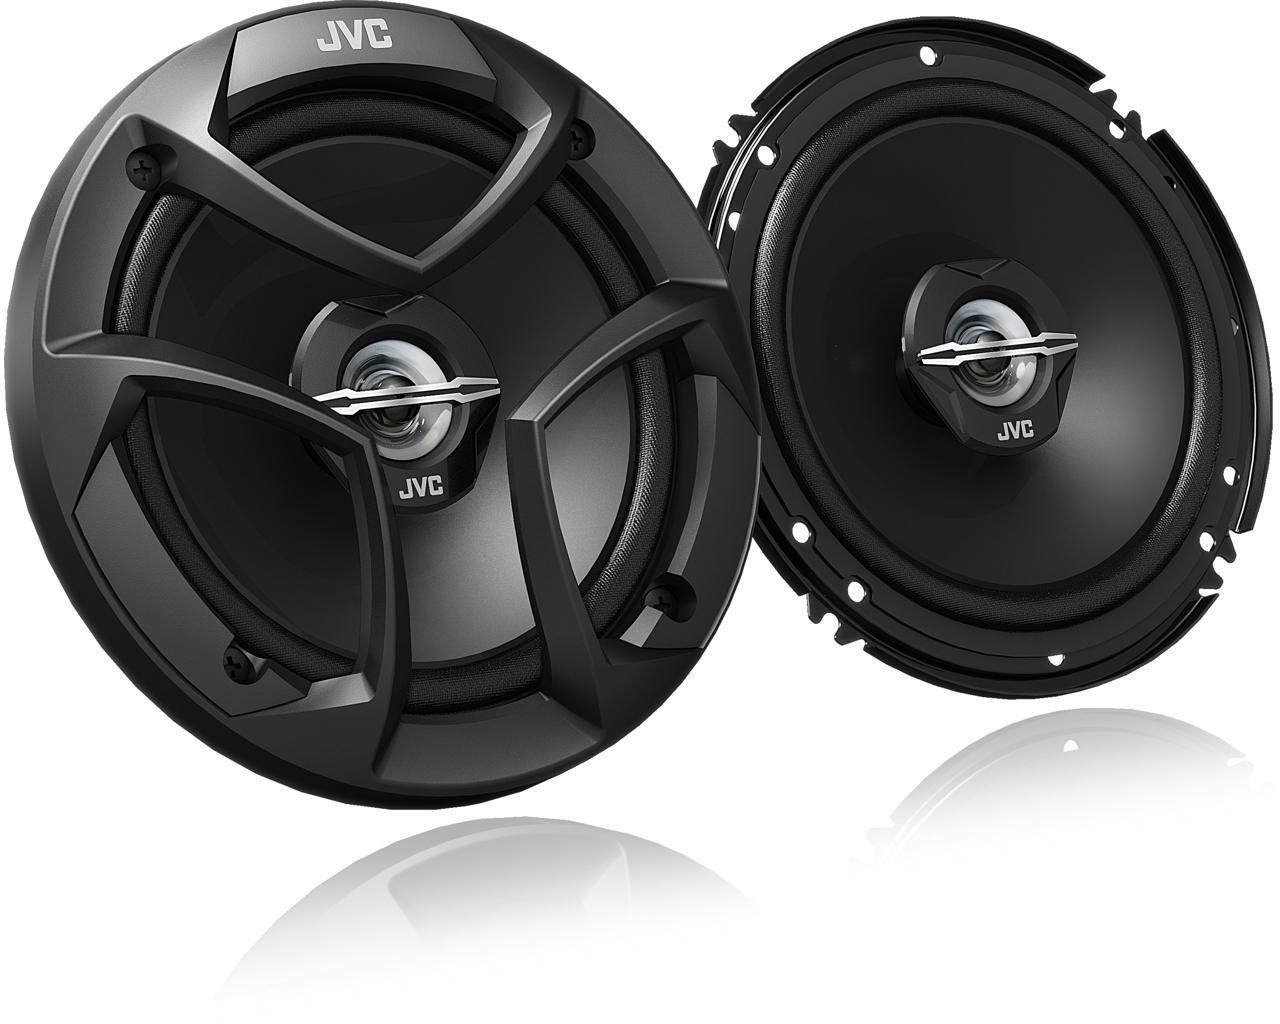 Amazon.com: JVC CS-J620 - Altavoces coaxiales para coche ...